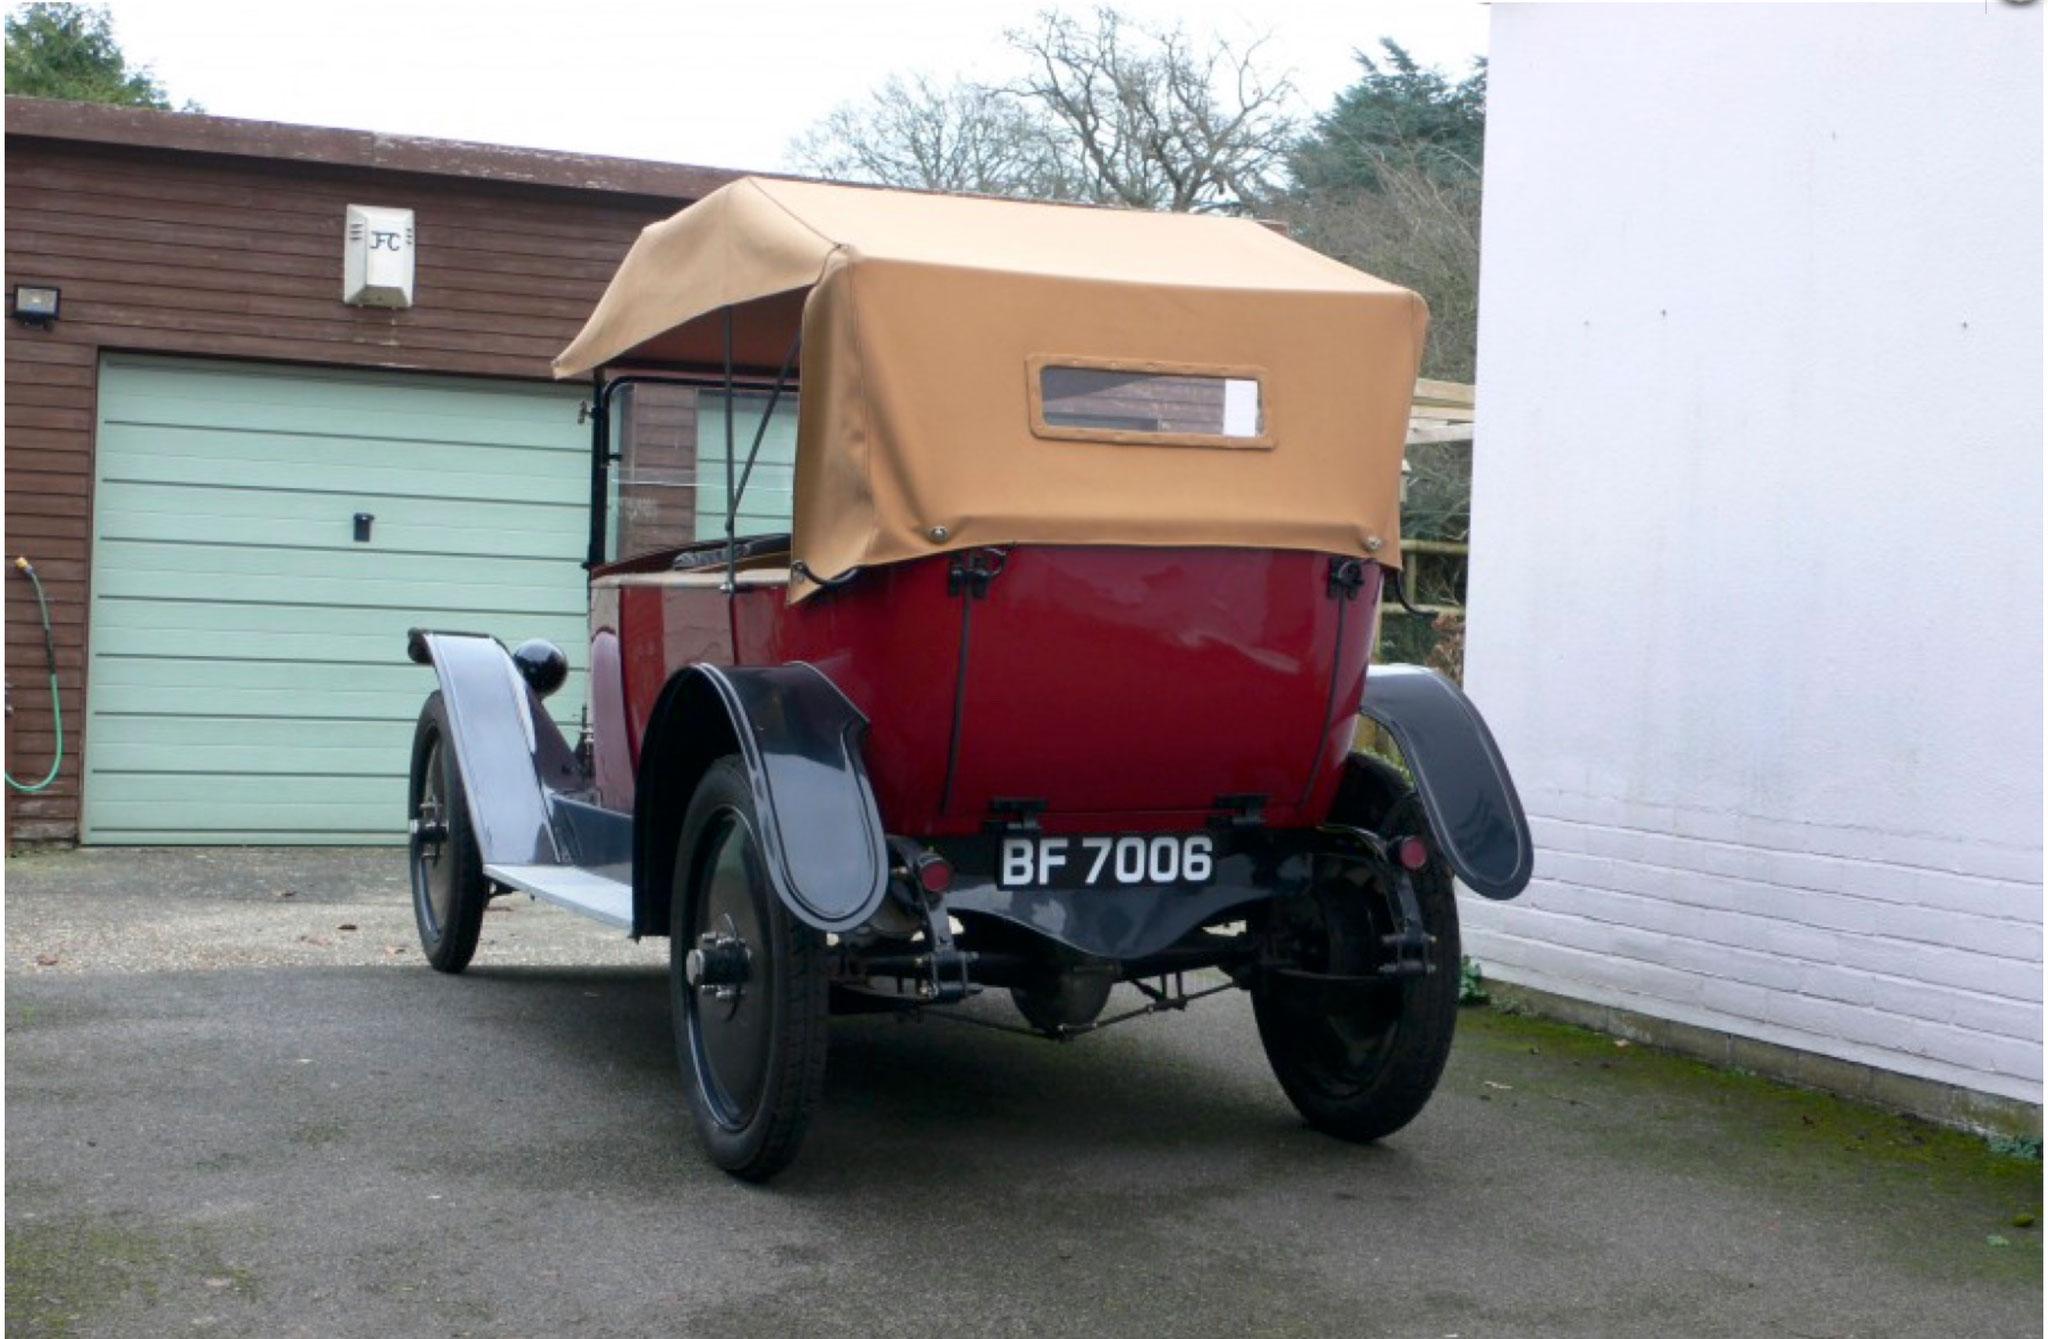 1921 Jouffret Four Seater Tourer nouvelle capote type Double Duck.